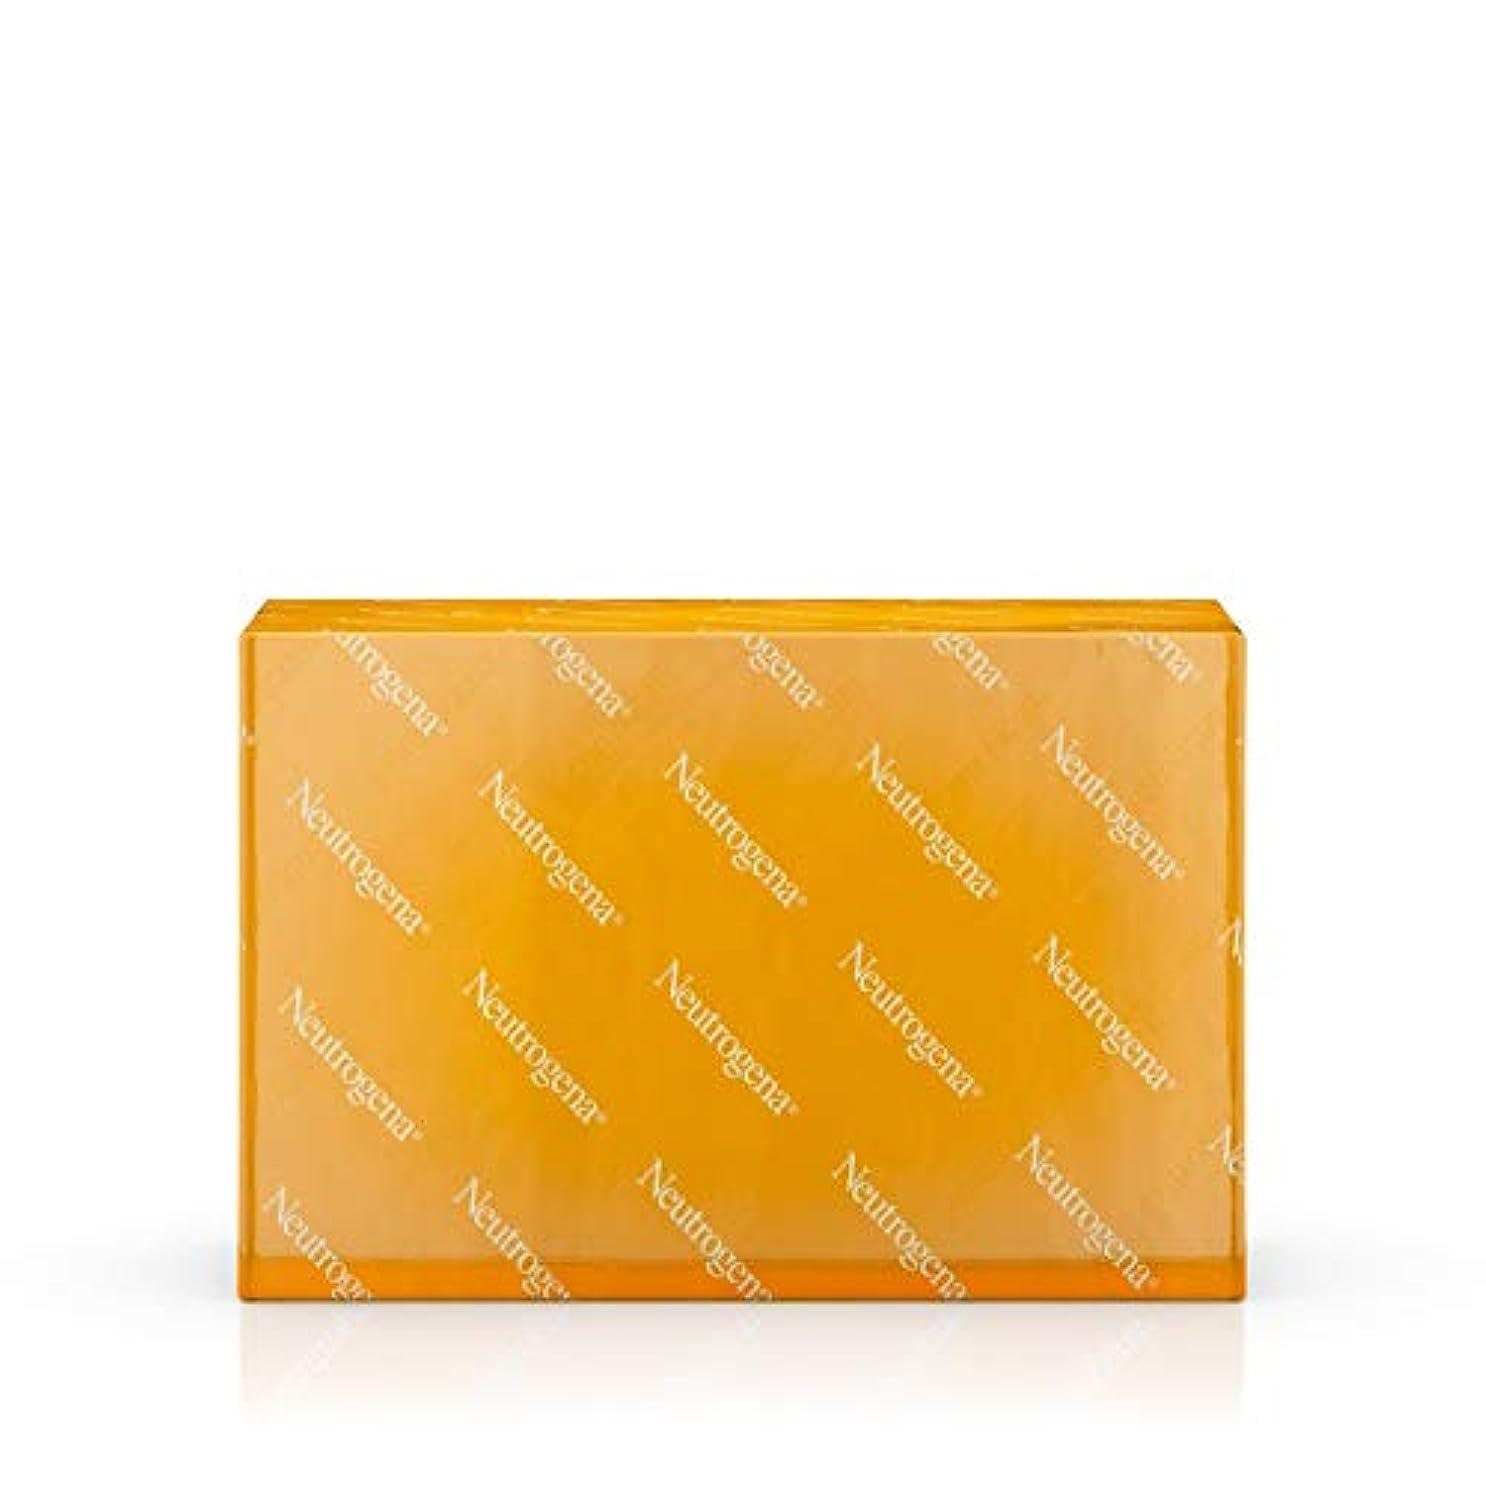 五月男らしいフリースニュートロジーナ ニキビ肌用透明洗顔ソープ 100g (並行輸入品)